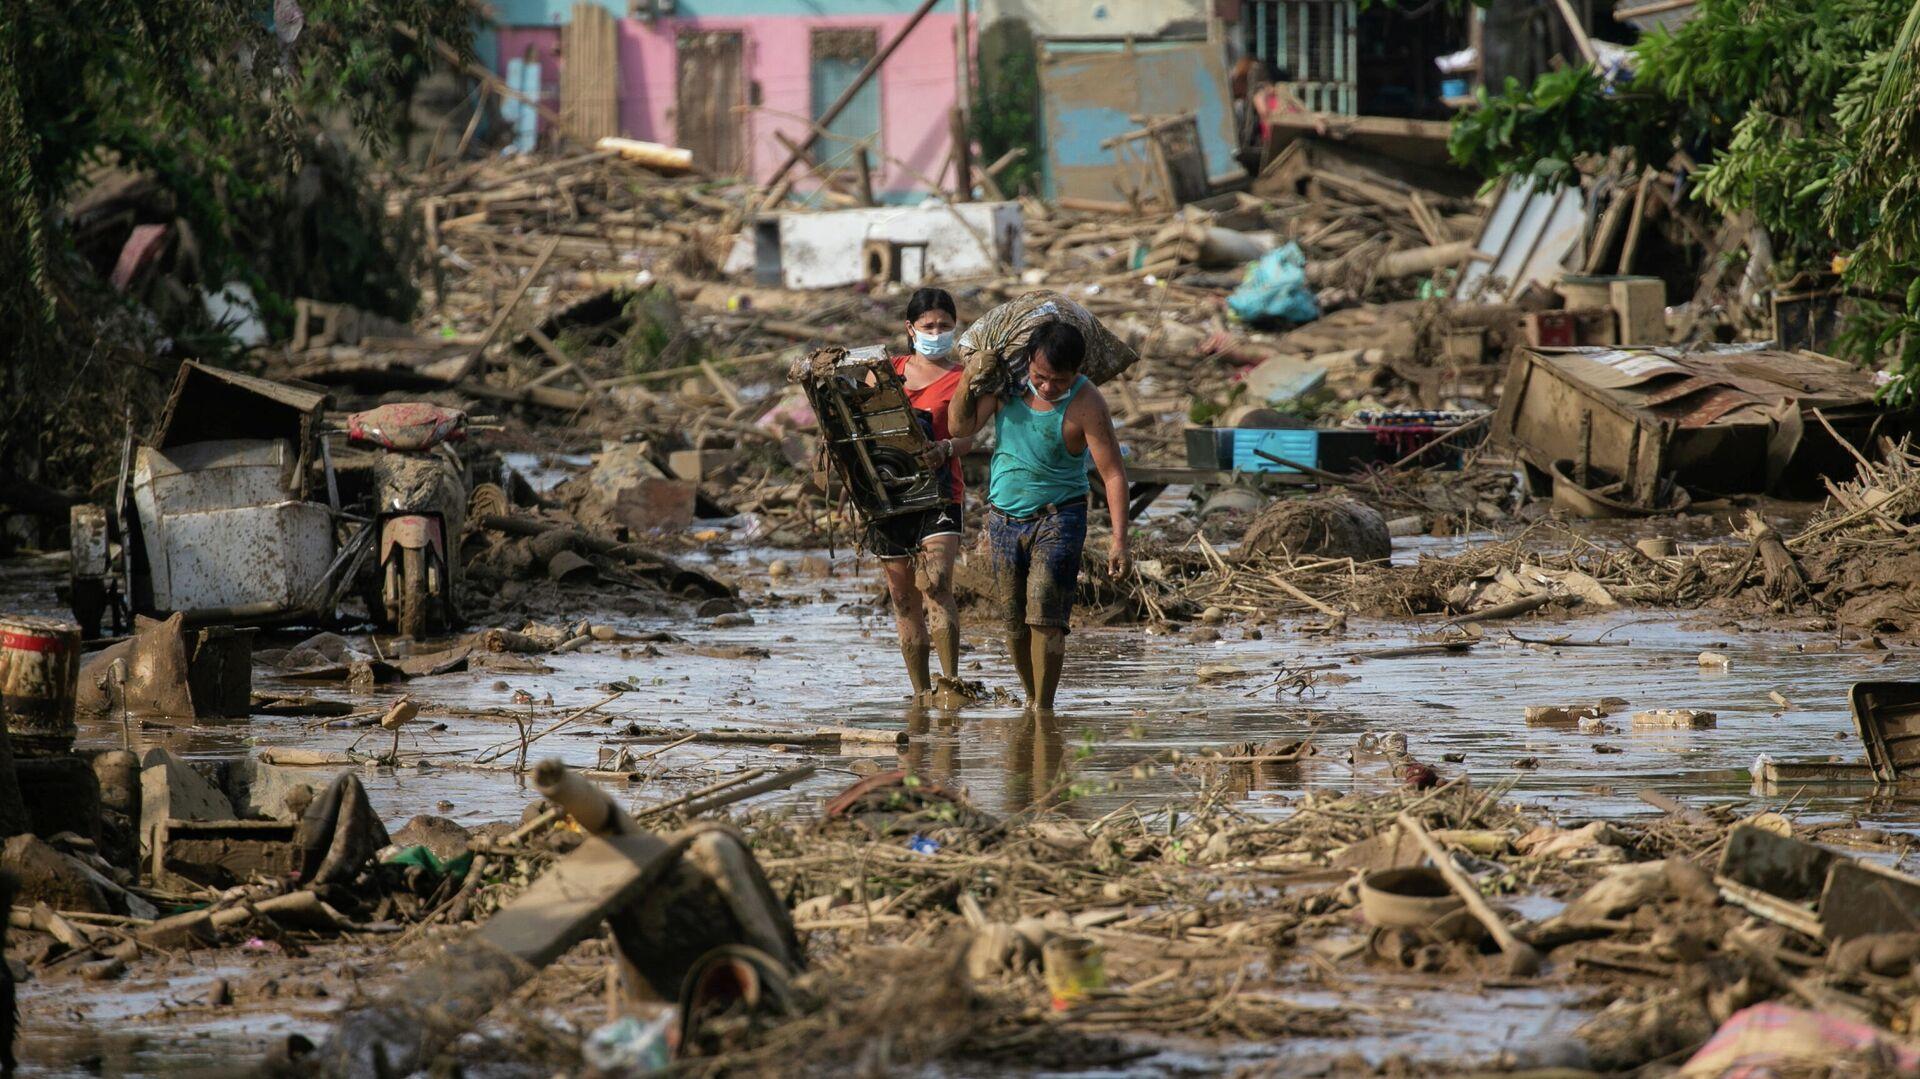 Последствия прохождения тайфуна Вамко на Филиппинах - РИА Новости, 1920, 15.11.2020